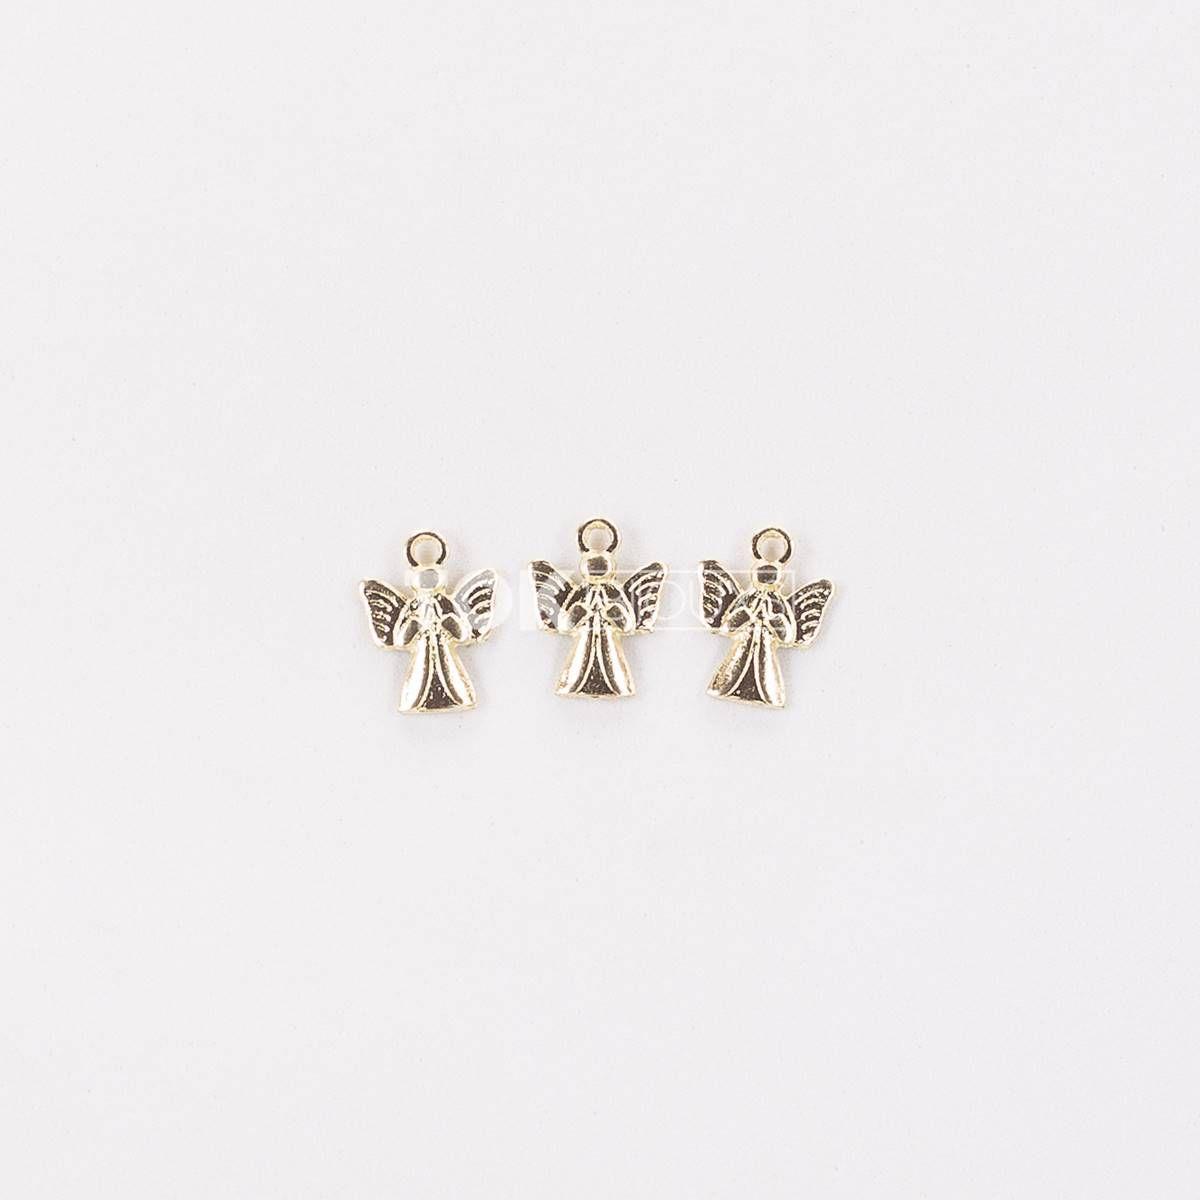 Anjo - Dourado - 10  Unid